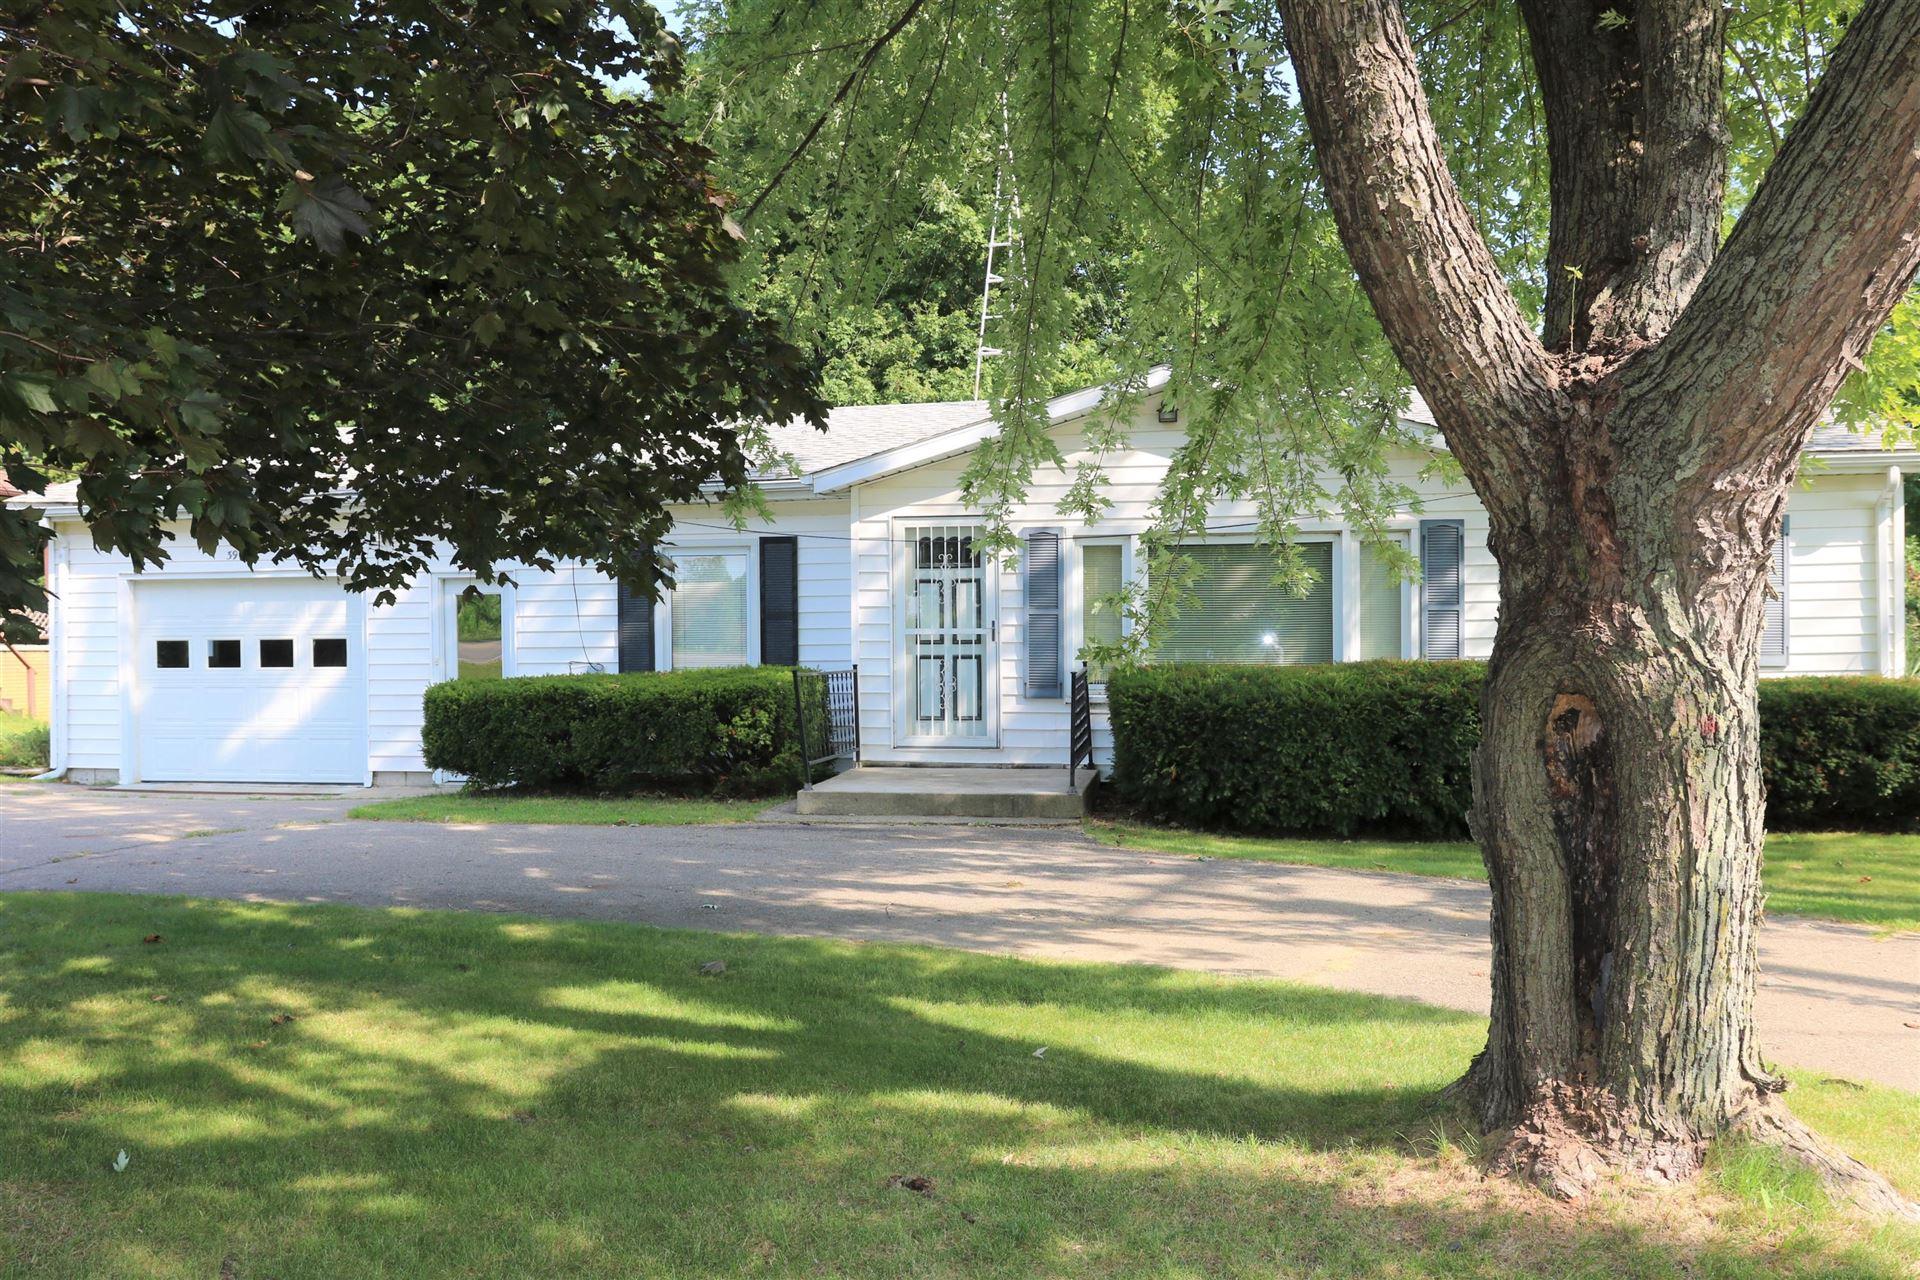 3999 E Napier Avenue, Benton Harbor, MI 49022 - MLS#: 21101961